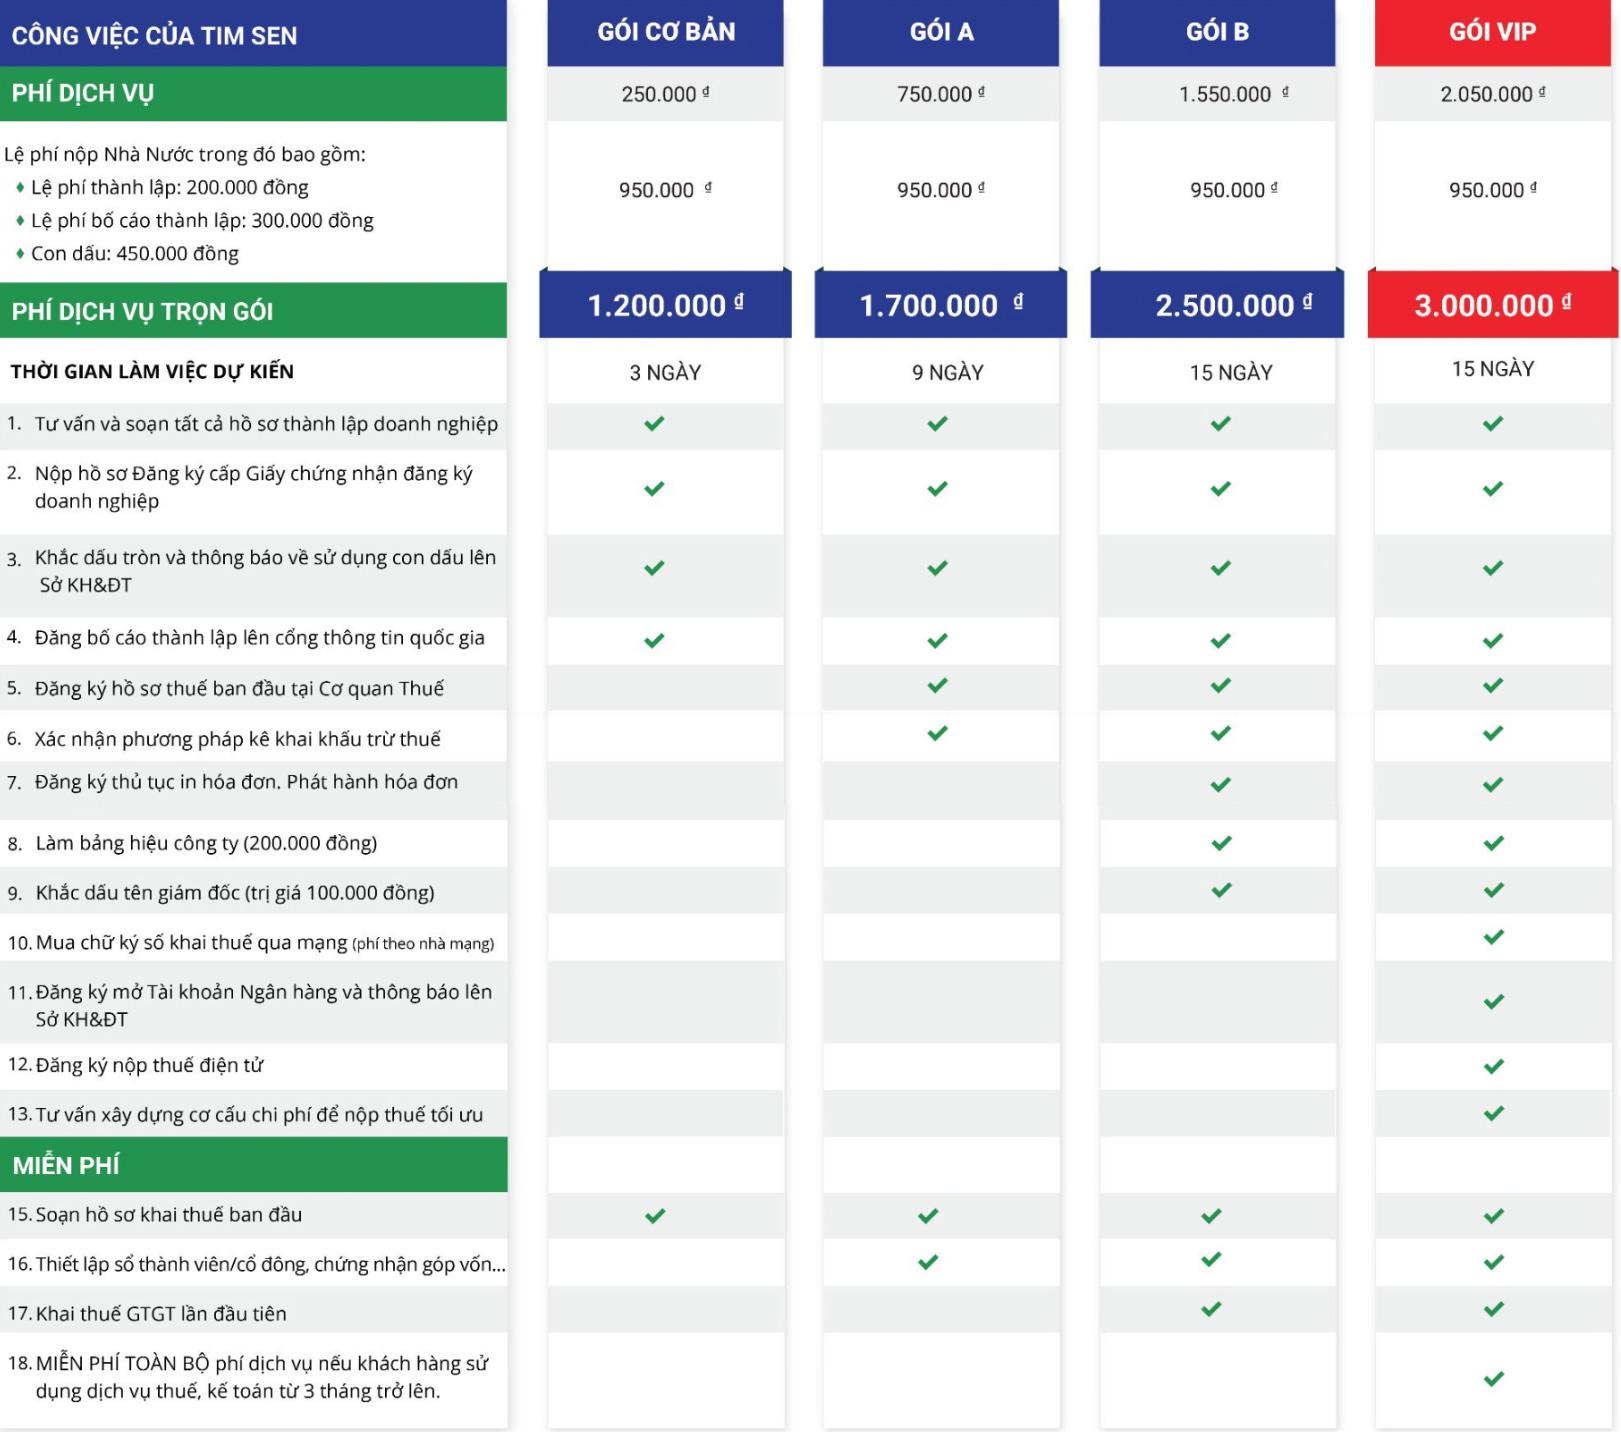 Bảng giá chi phí thành lập doanh nghiệp